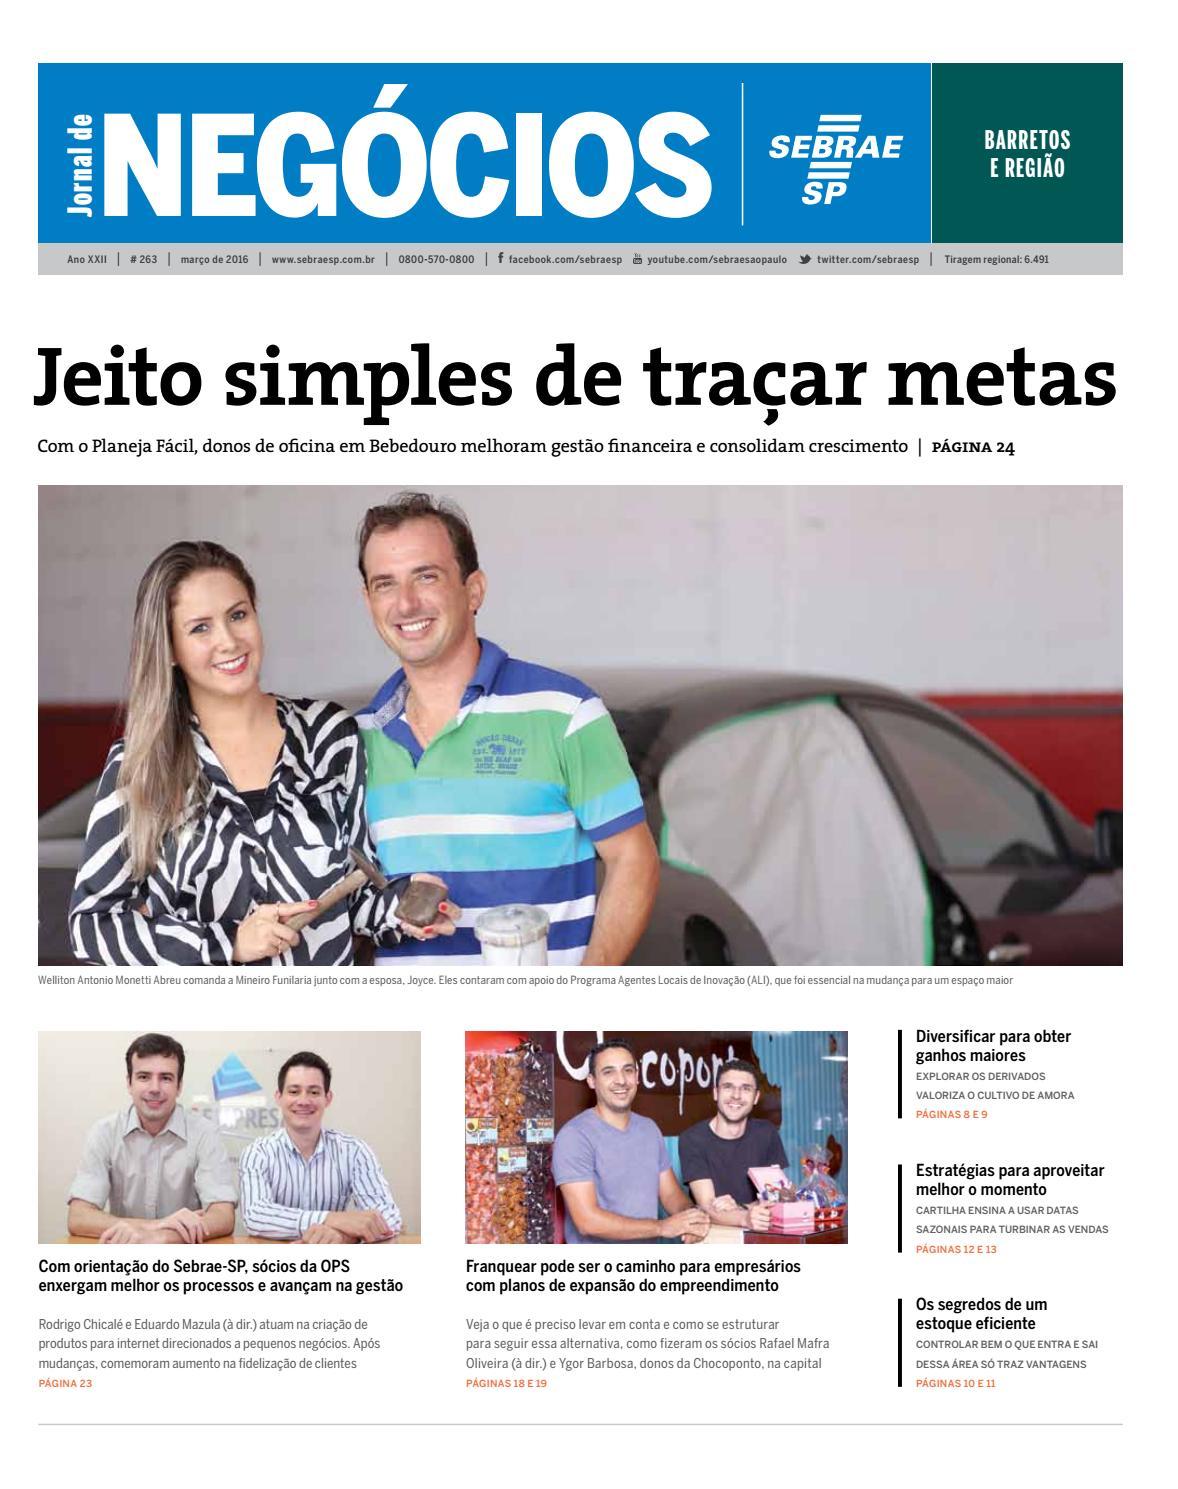 bf56364fbb Jornal de Negócios Sebrae-SP - 01 de março de 2016 - Barretos e região by  Sebrae-SP - issuu